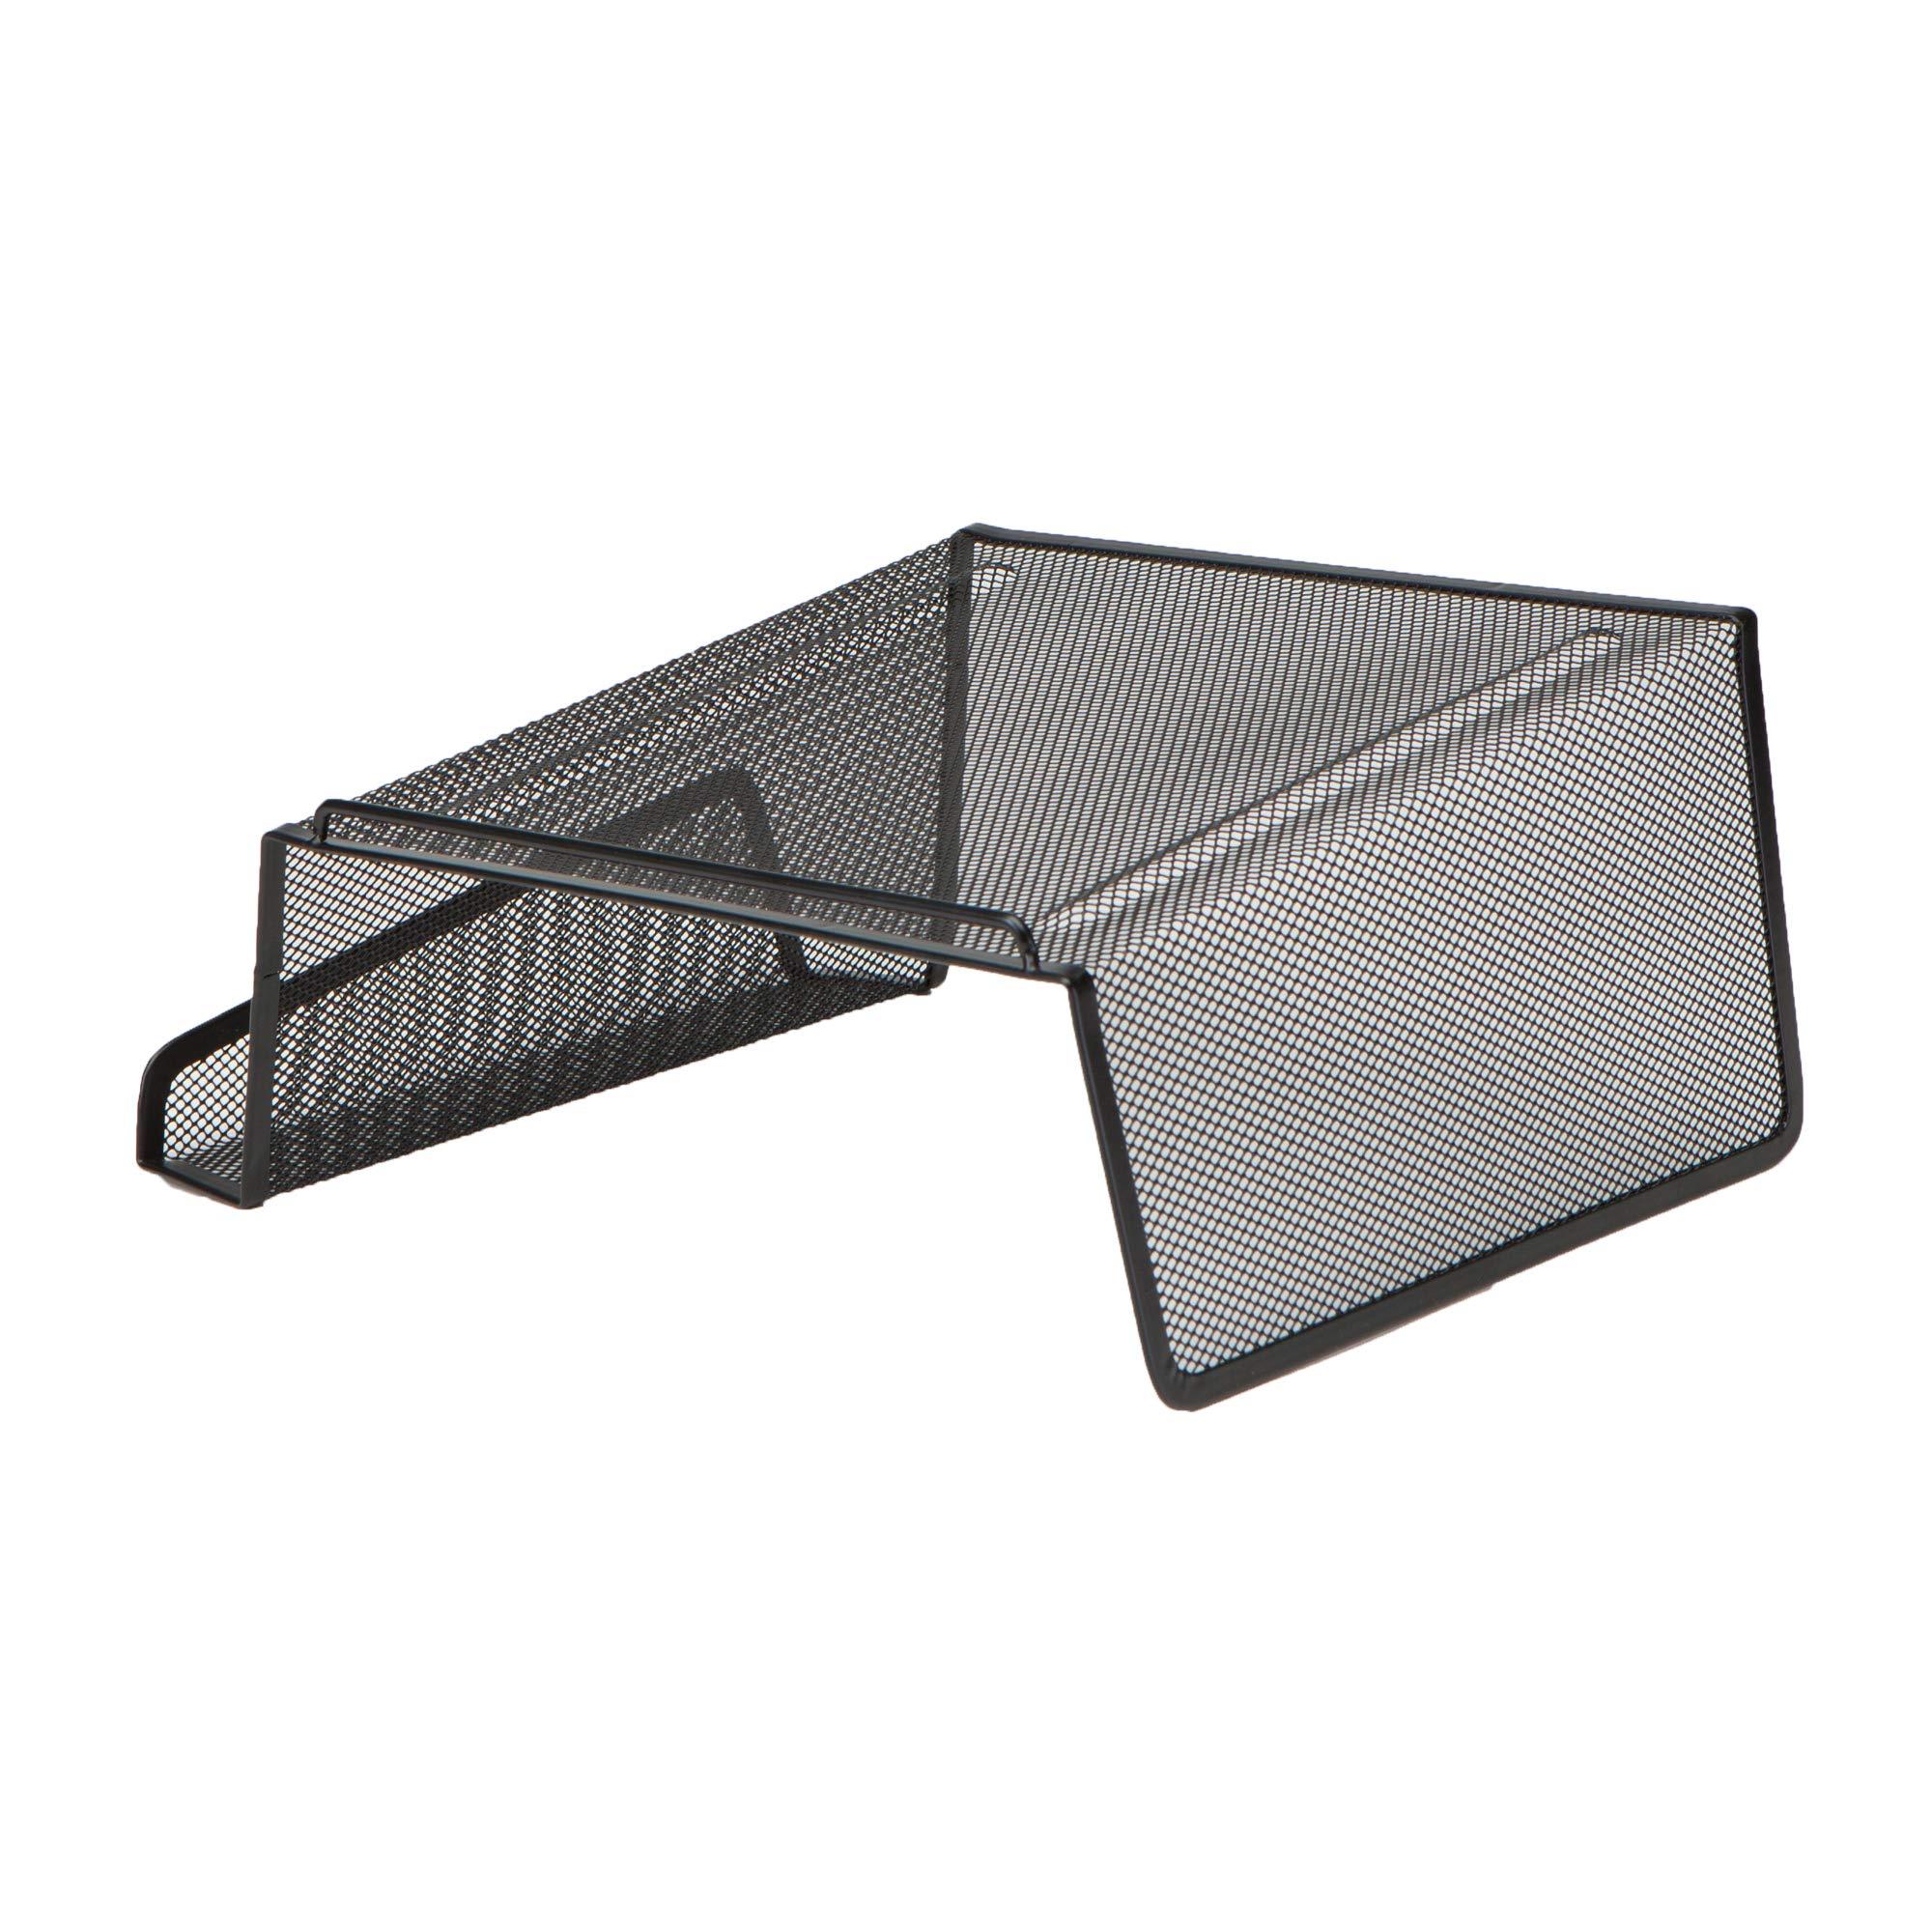 Mind Reader Metal Desktop Phone Stand, 2 Pack, Black by Mind Reader (Image #6)